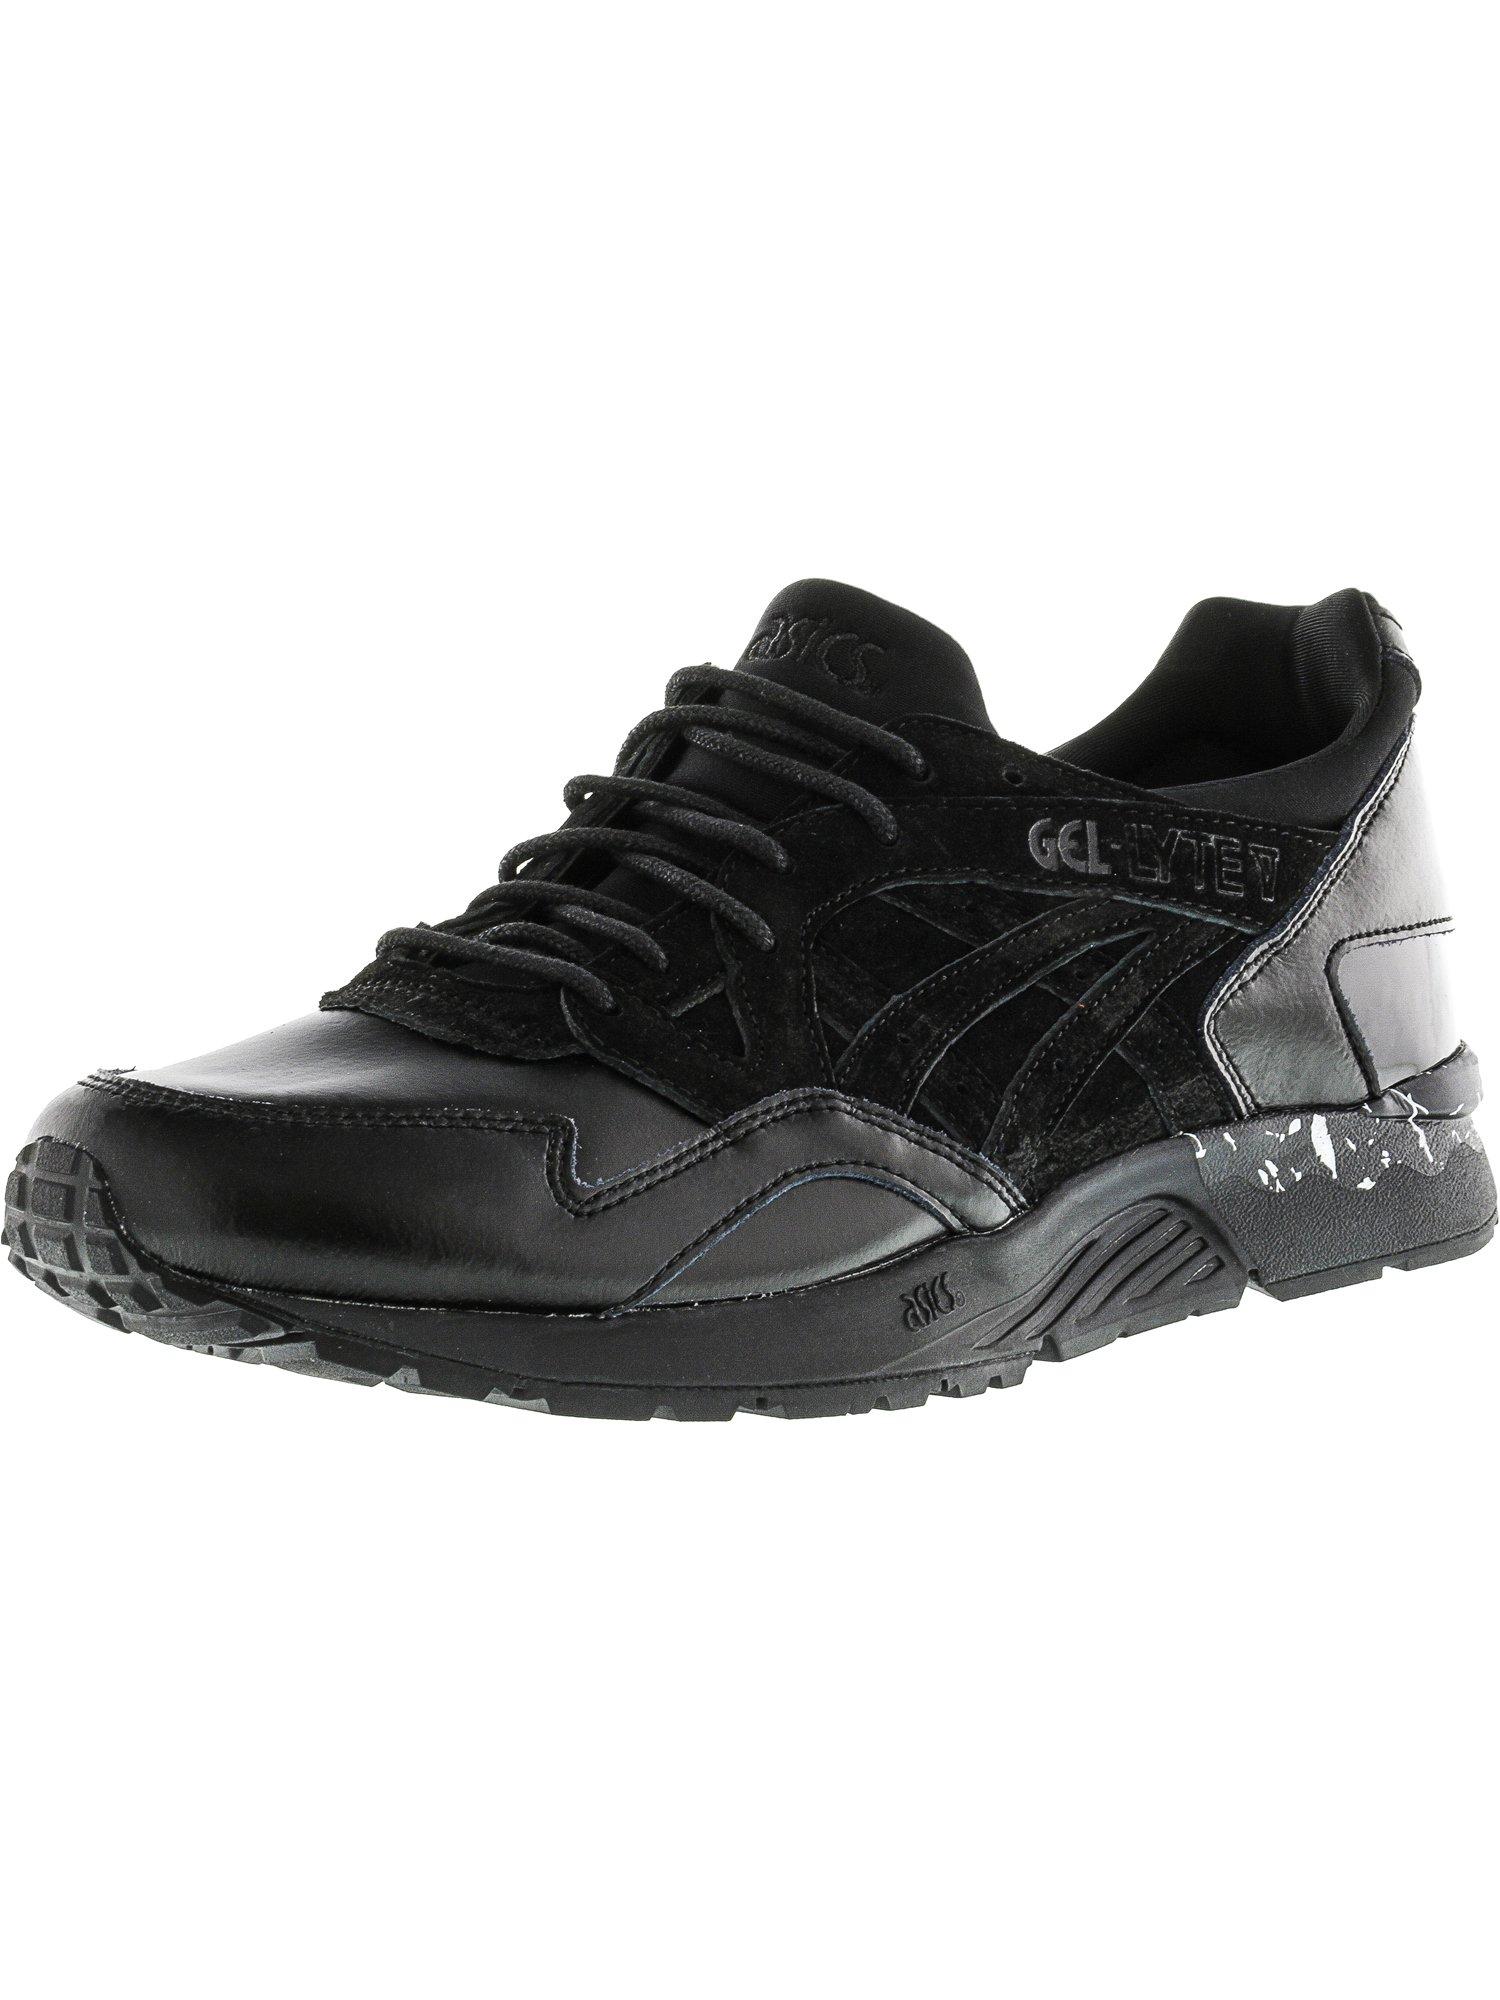 Men's Gel-Lyte V Indian Ink / Ankle-High Running Shoe - 8M